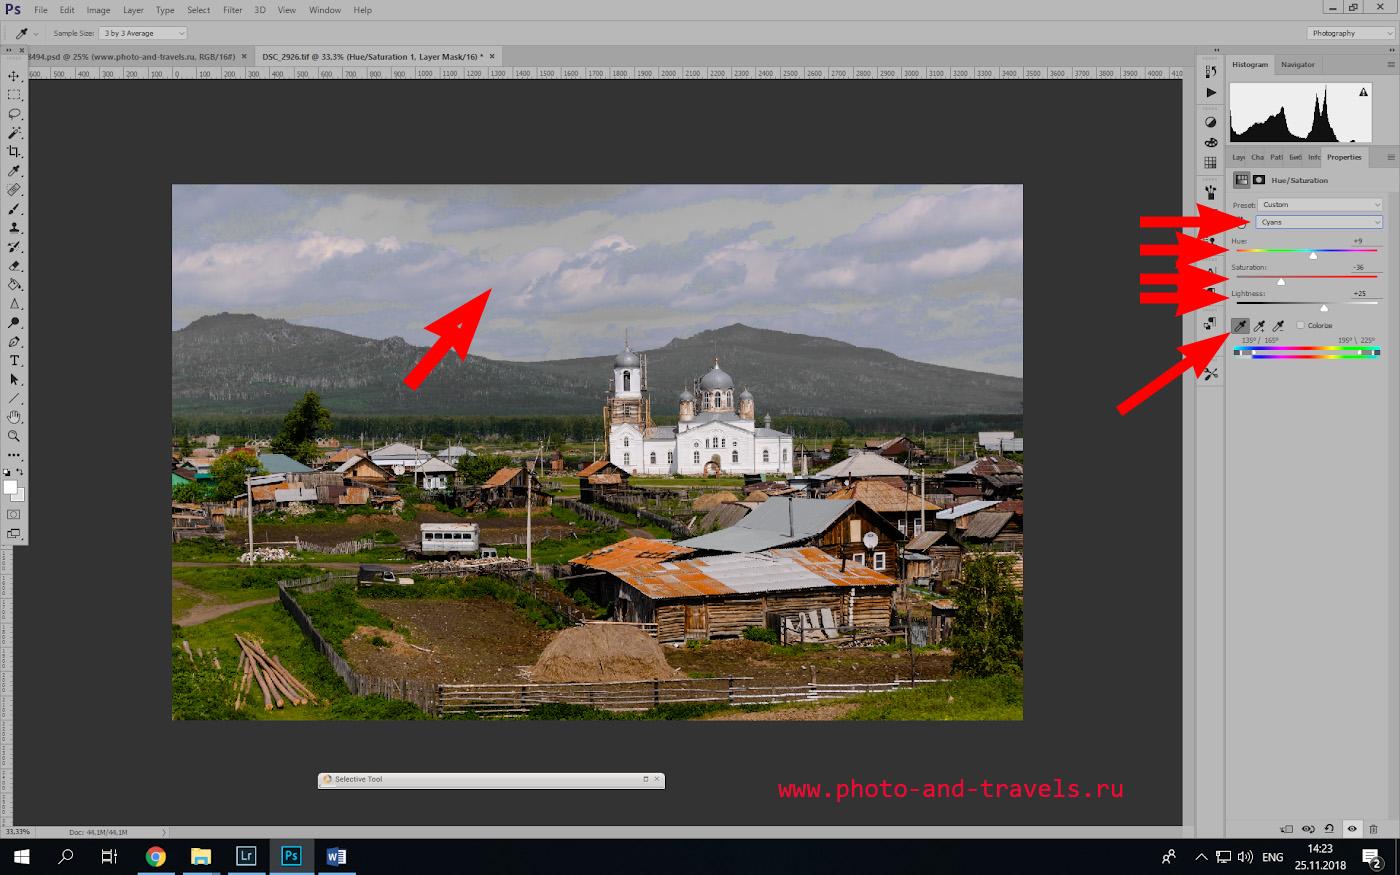 Фото 13. Как поменять цвет объекта в «Photoshop» с помощью корректирующего слоя «Hue/Saturation». Как видно на снимке, цвет поменялся не только у крыши, но и у синего неба.